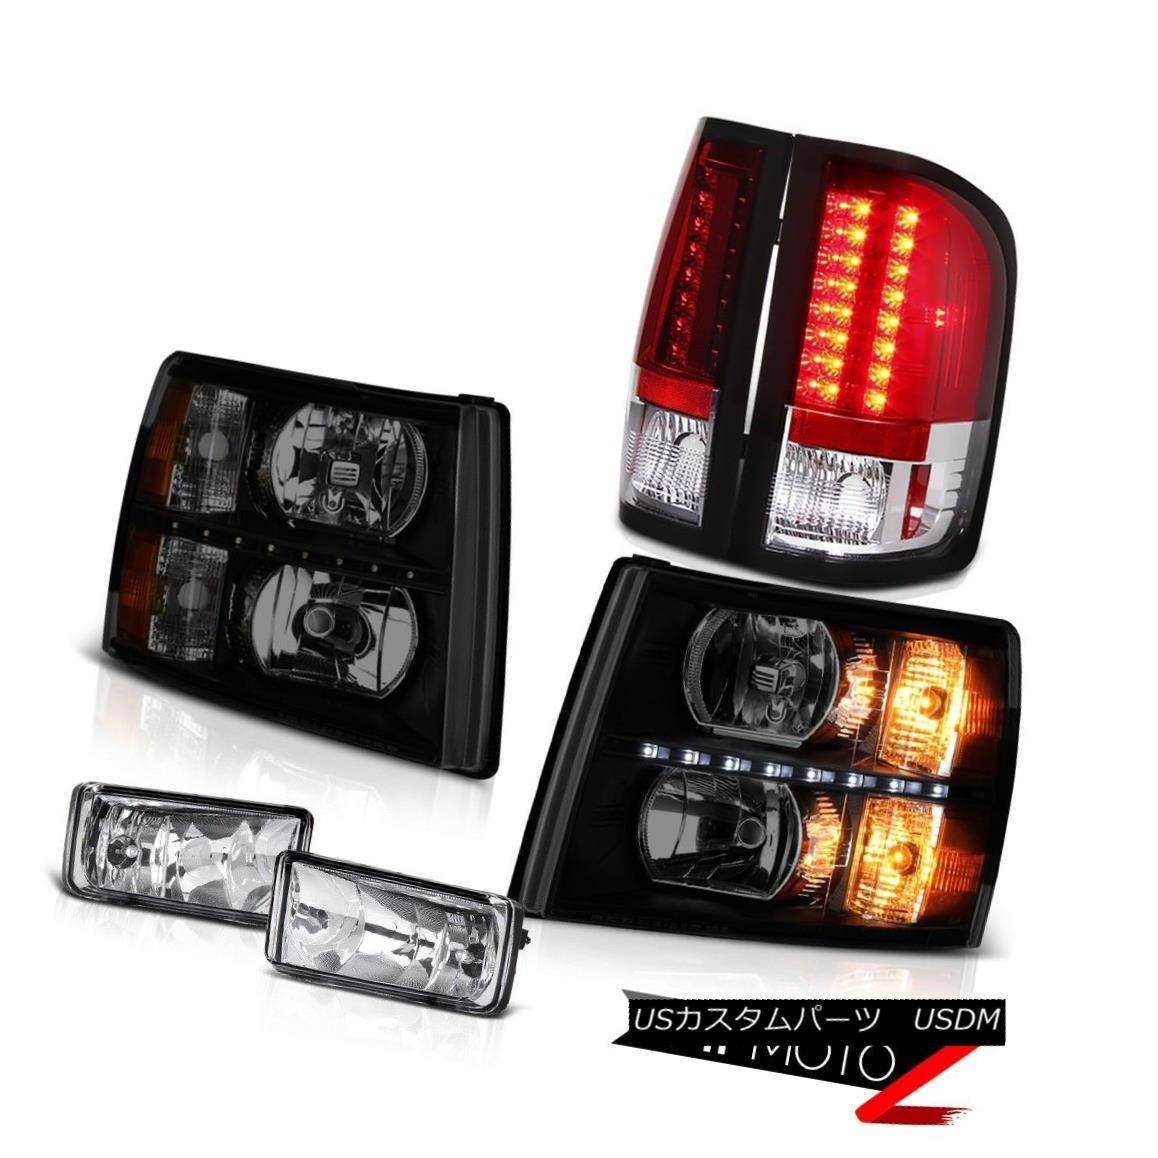 テールライト 07-13 Silverado Z71 Headlamps led drl fog lamps red clear tail lights Assembly 07-13 Silverado Z71ヘッドライトled drlフォグランプ赤いクリアテールライトアセンブリ